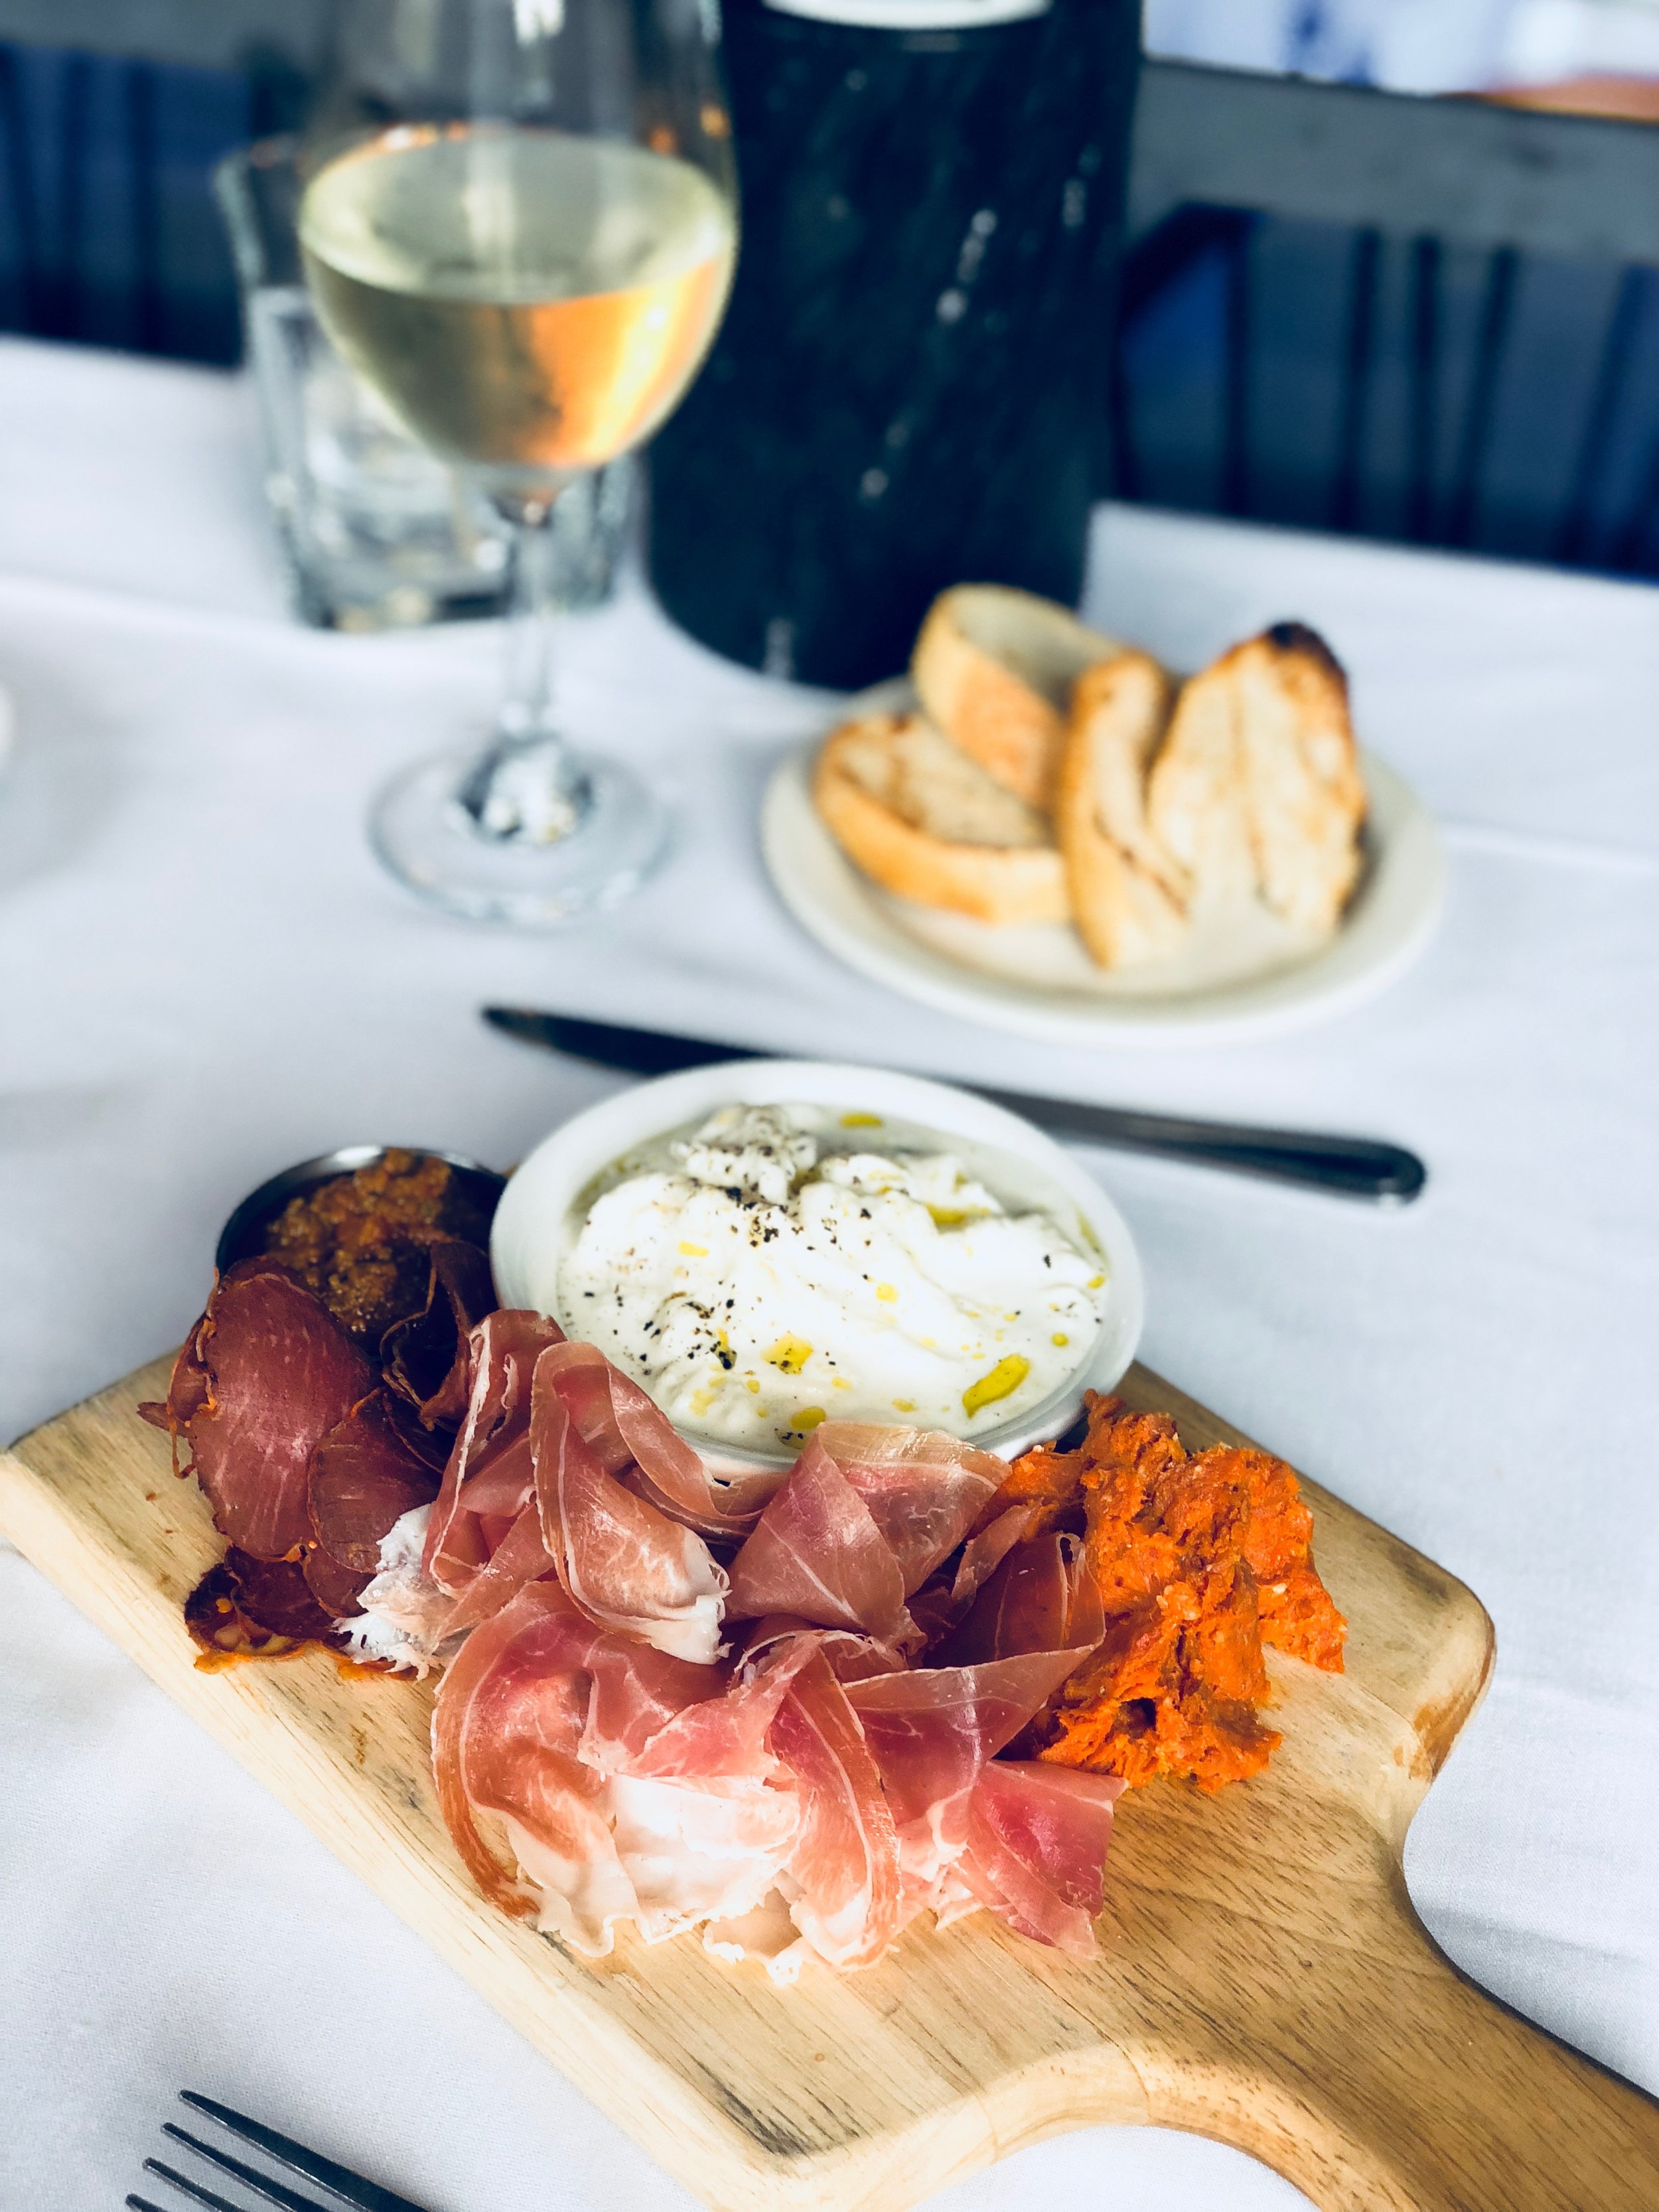 Charcuterie Board - La Quercia Prosciutto Americano, Nello's Nduja, Salumeria Biellese Hot Coppa, House-made Stracciatella Mozzarella